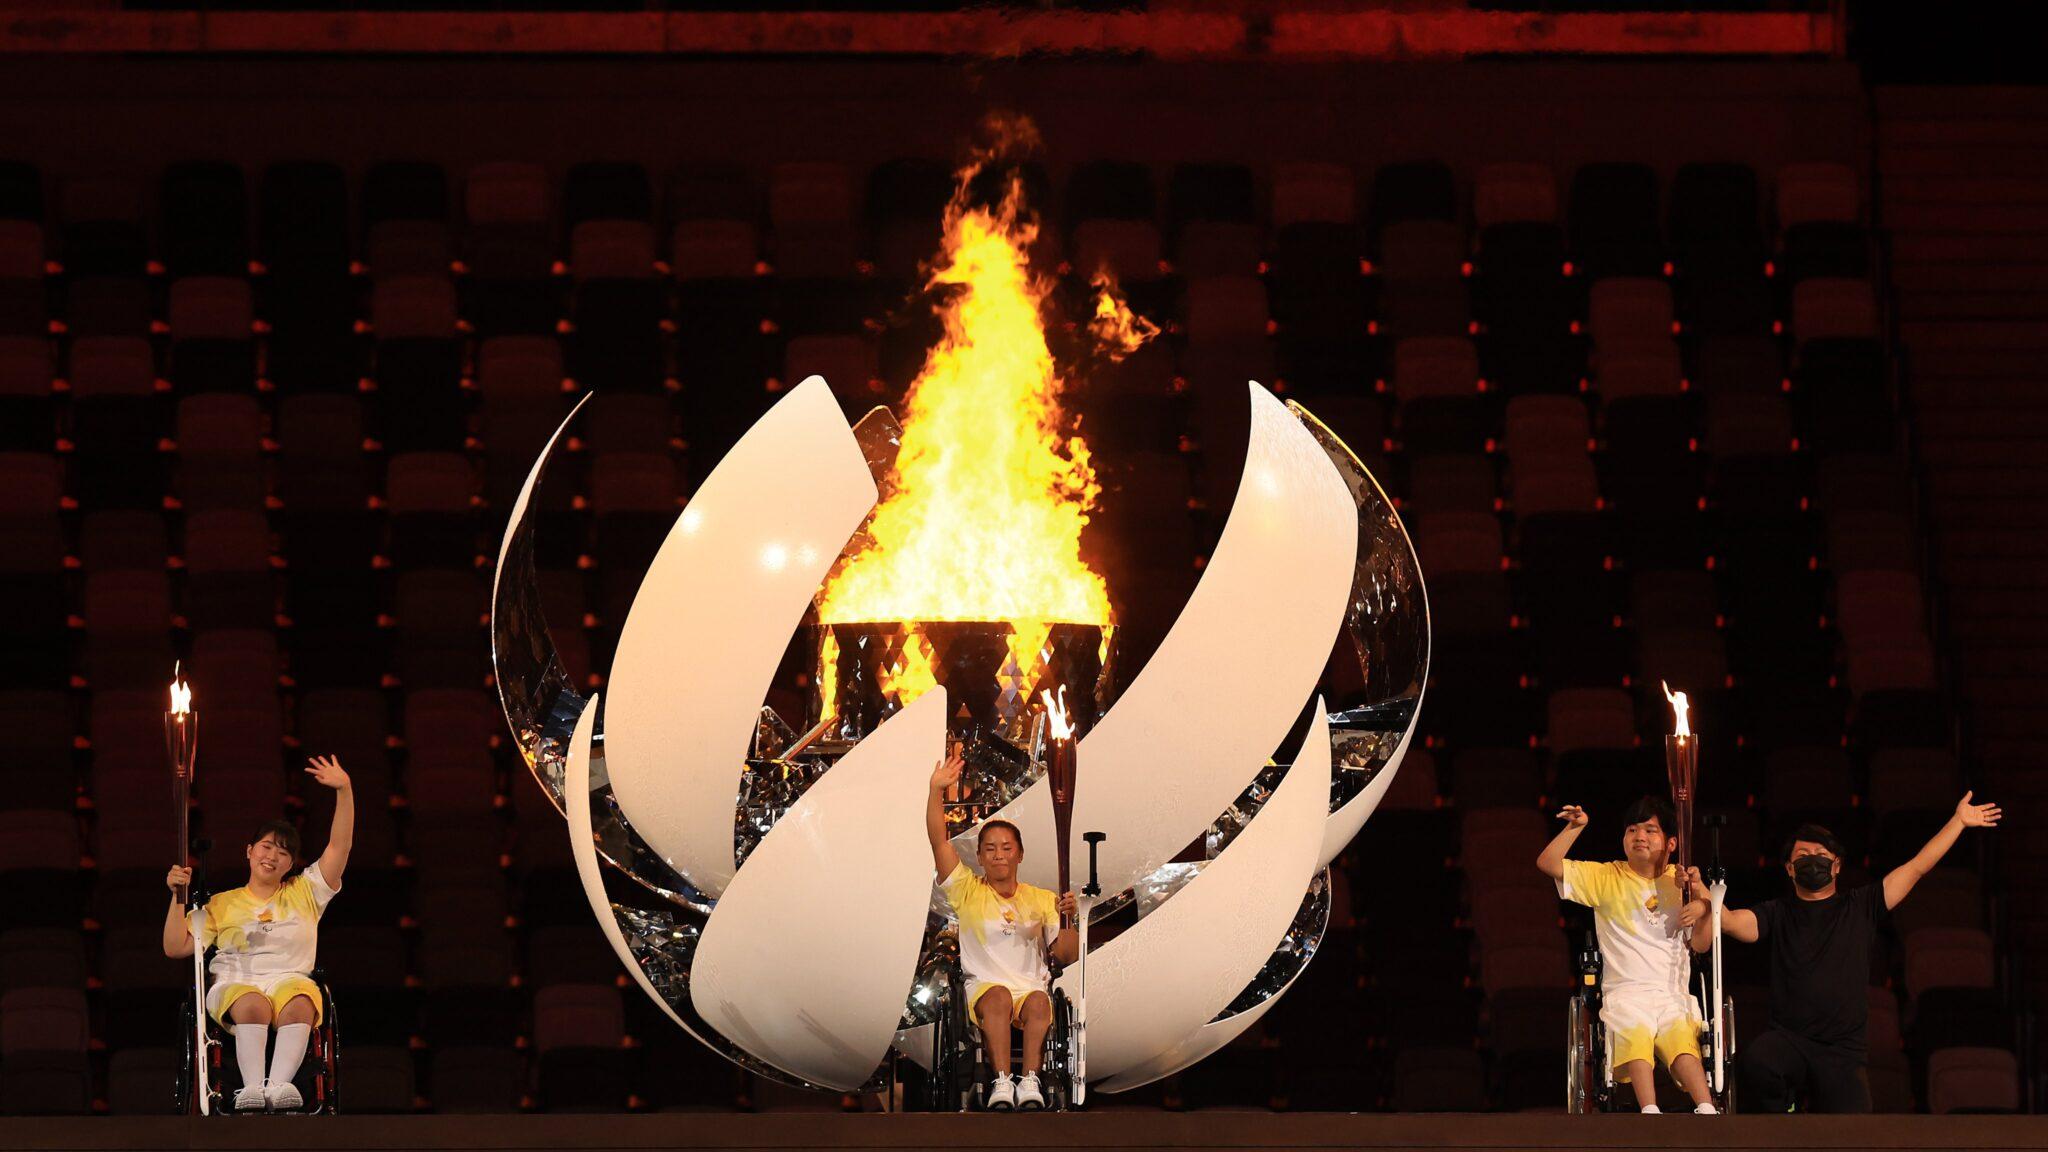 Ceremonia de inauguración de los Juegos Paralímpicos de Tokio 2020 Fotos